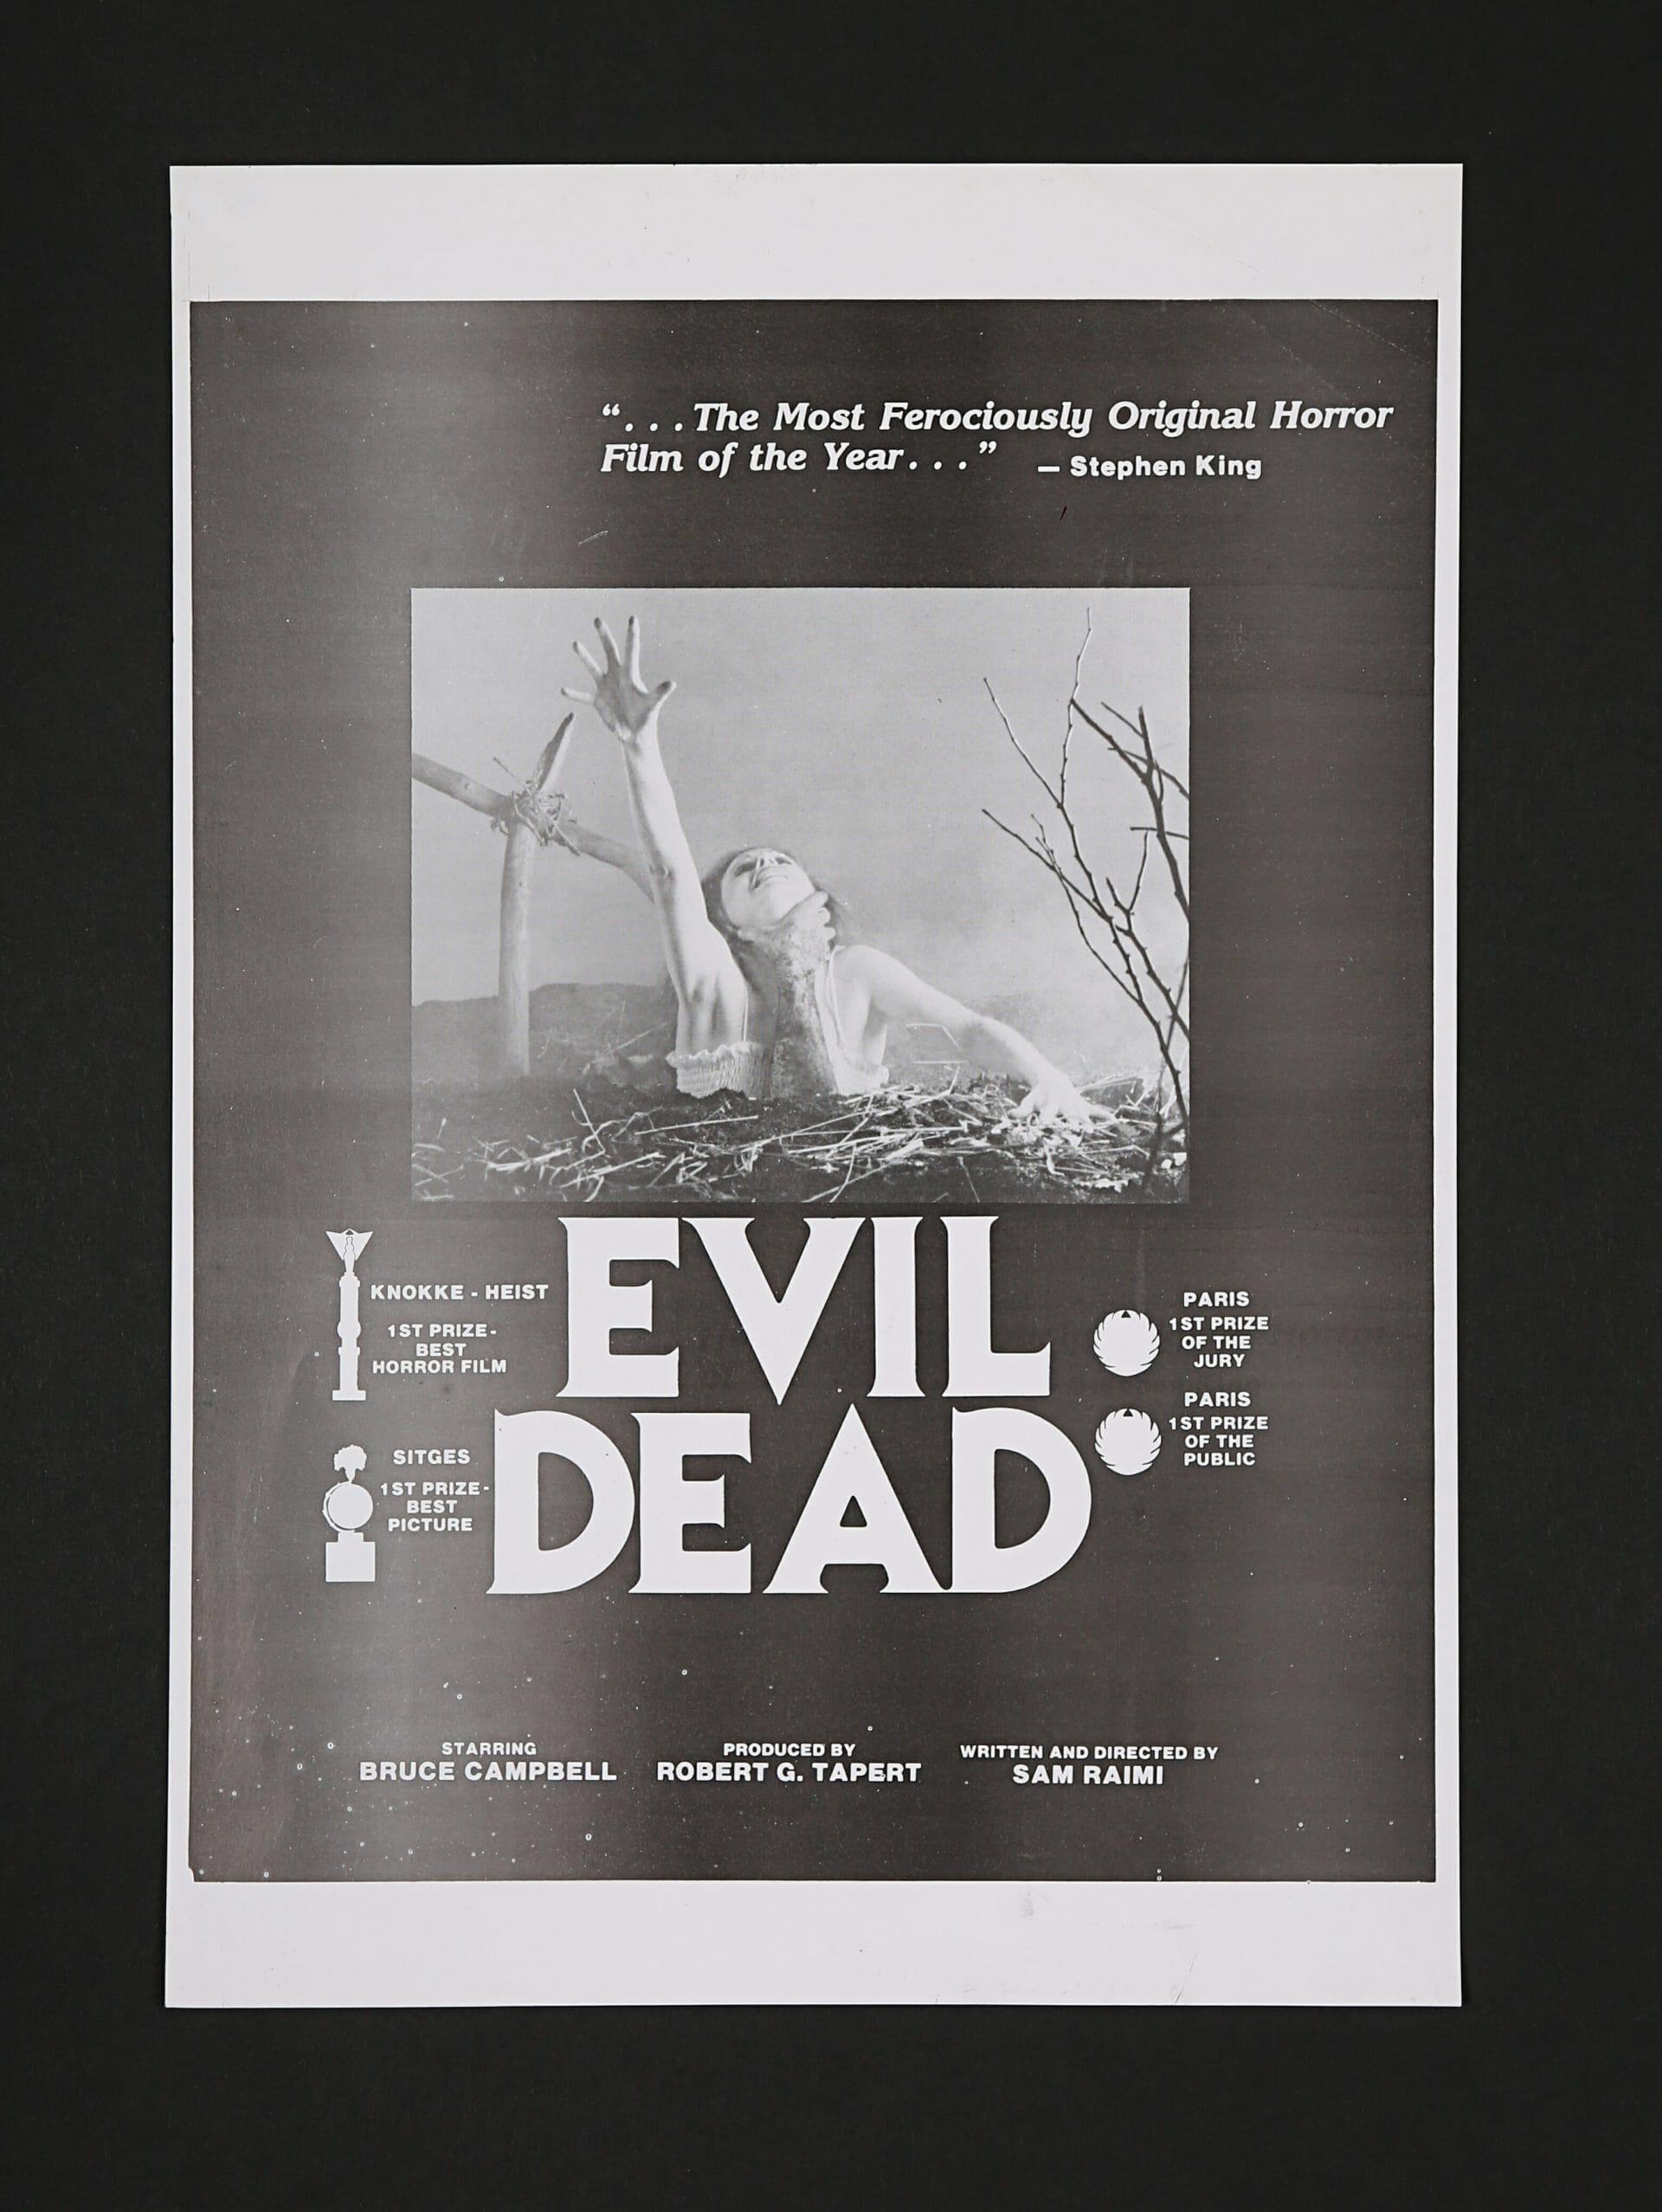 Evil Dead trade artwork